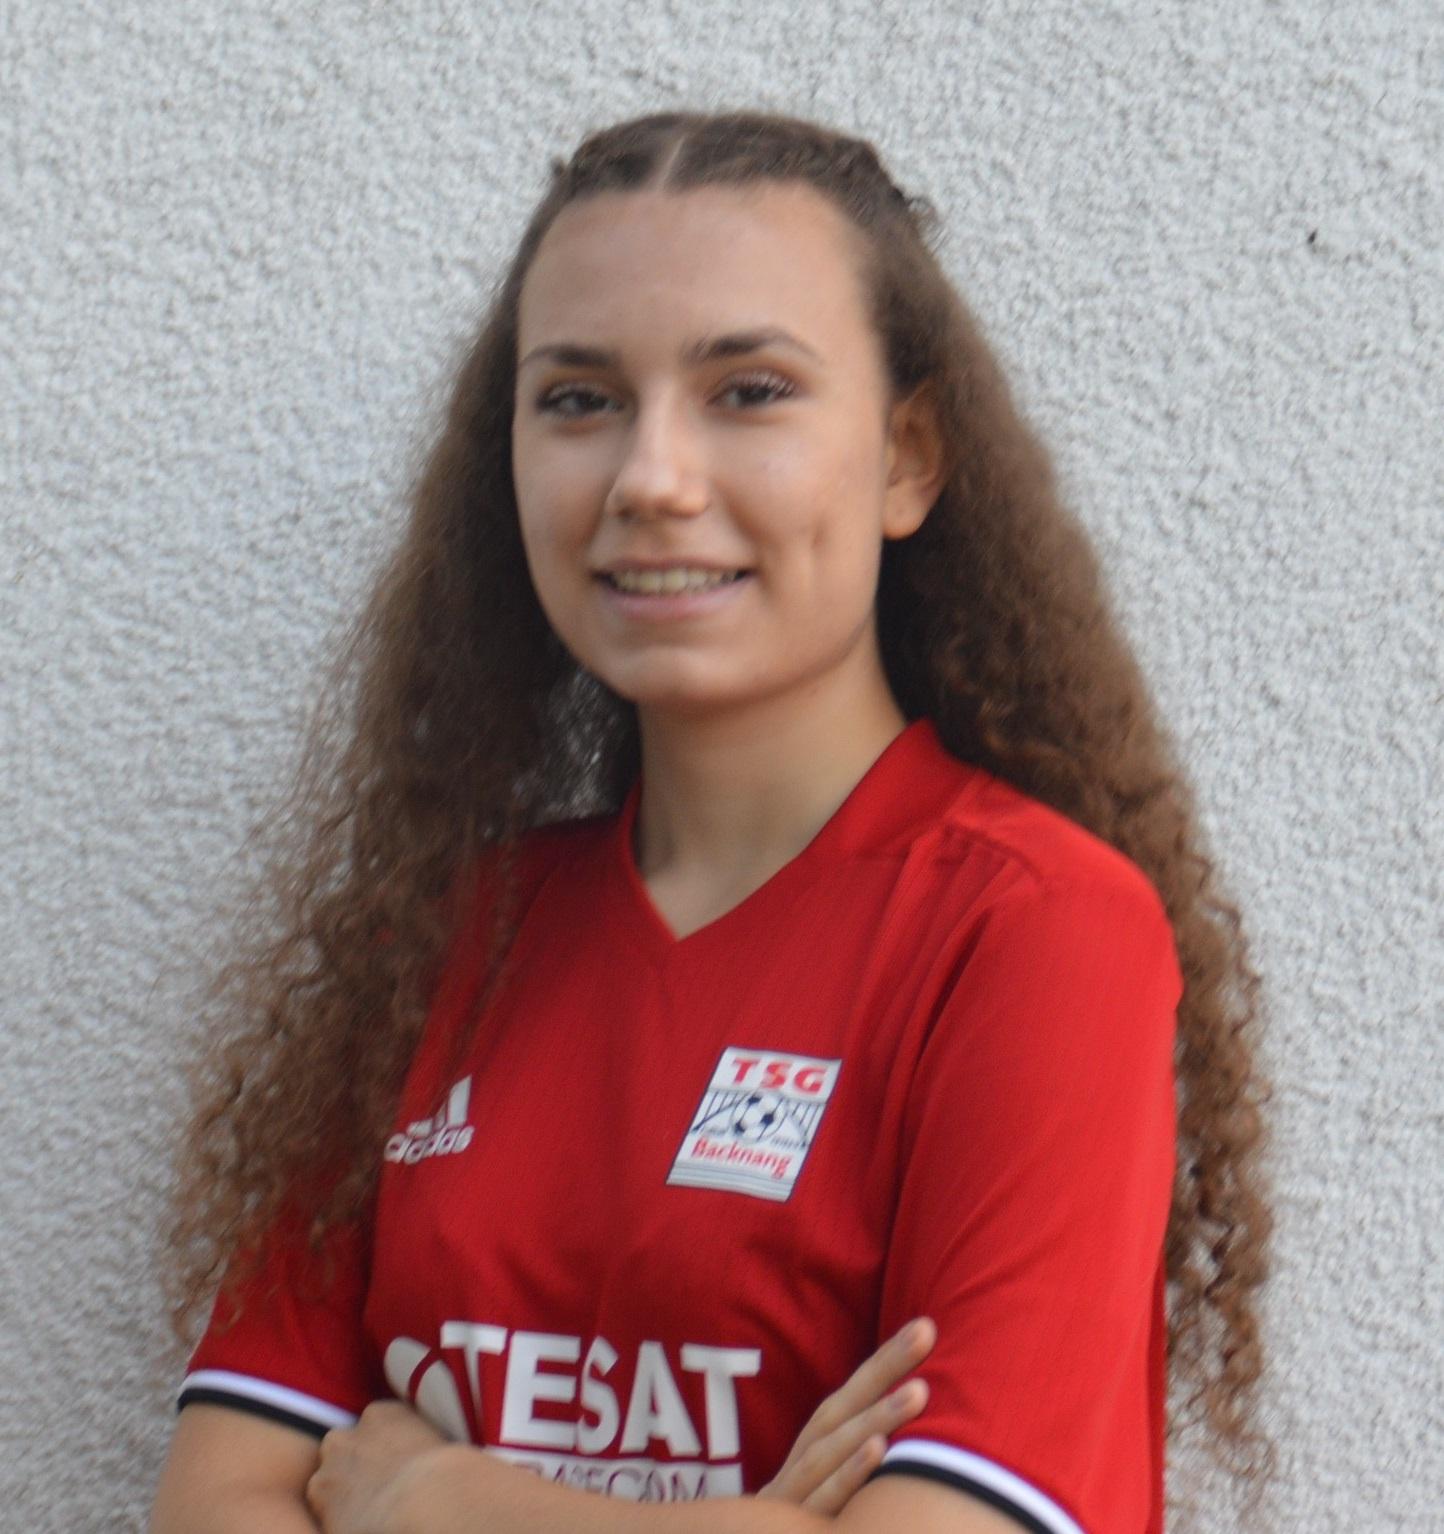 LouisaBornhak